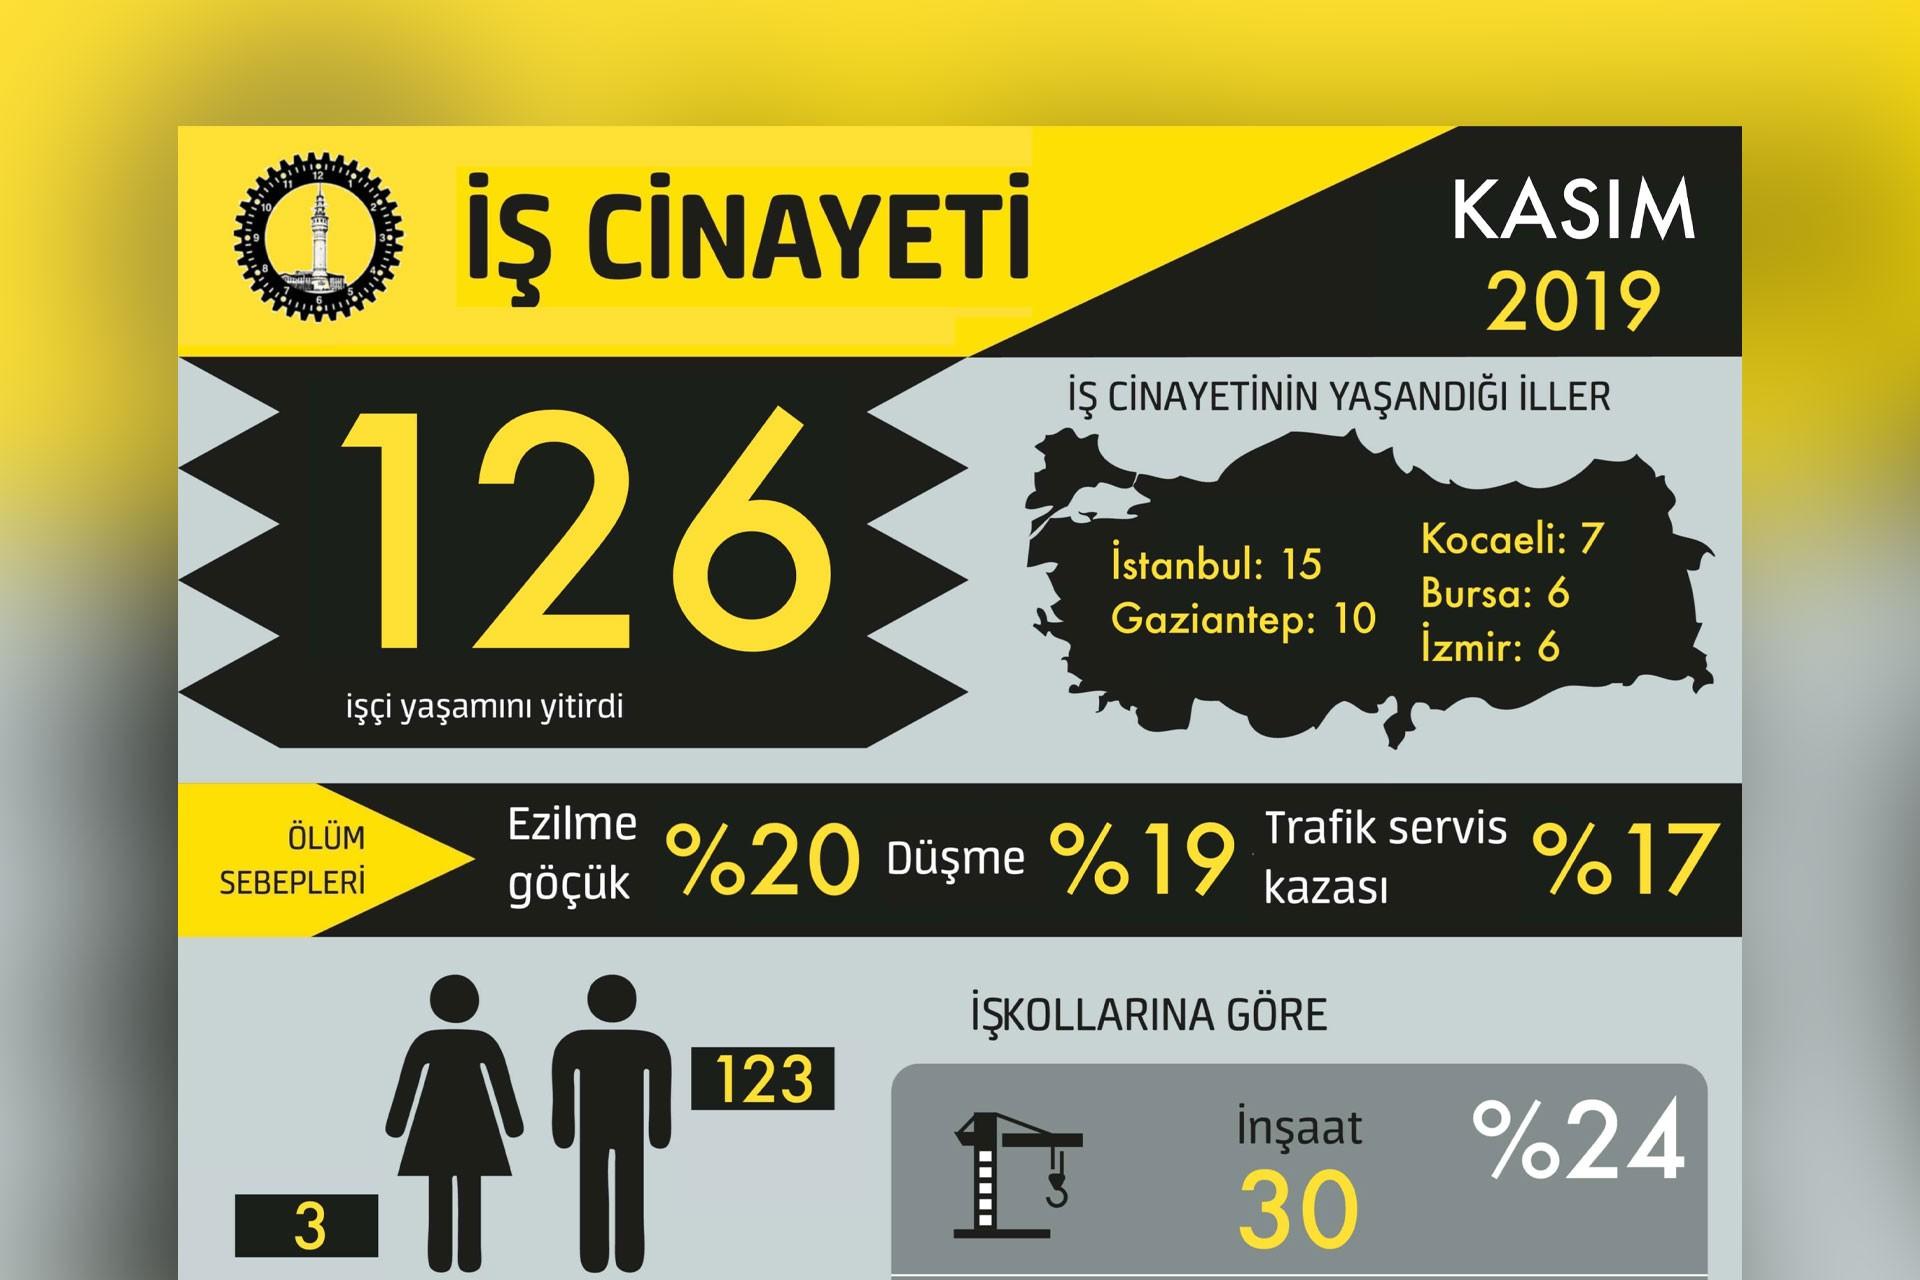 İSİG'in kasım ayında yaşanan iş cinaytlerini gösterdiği grafik